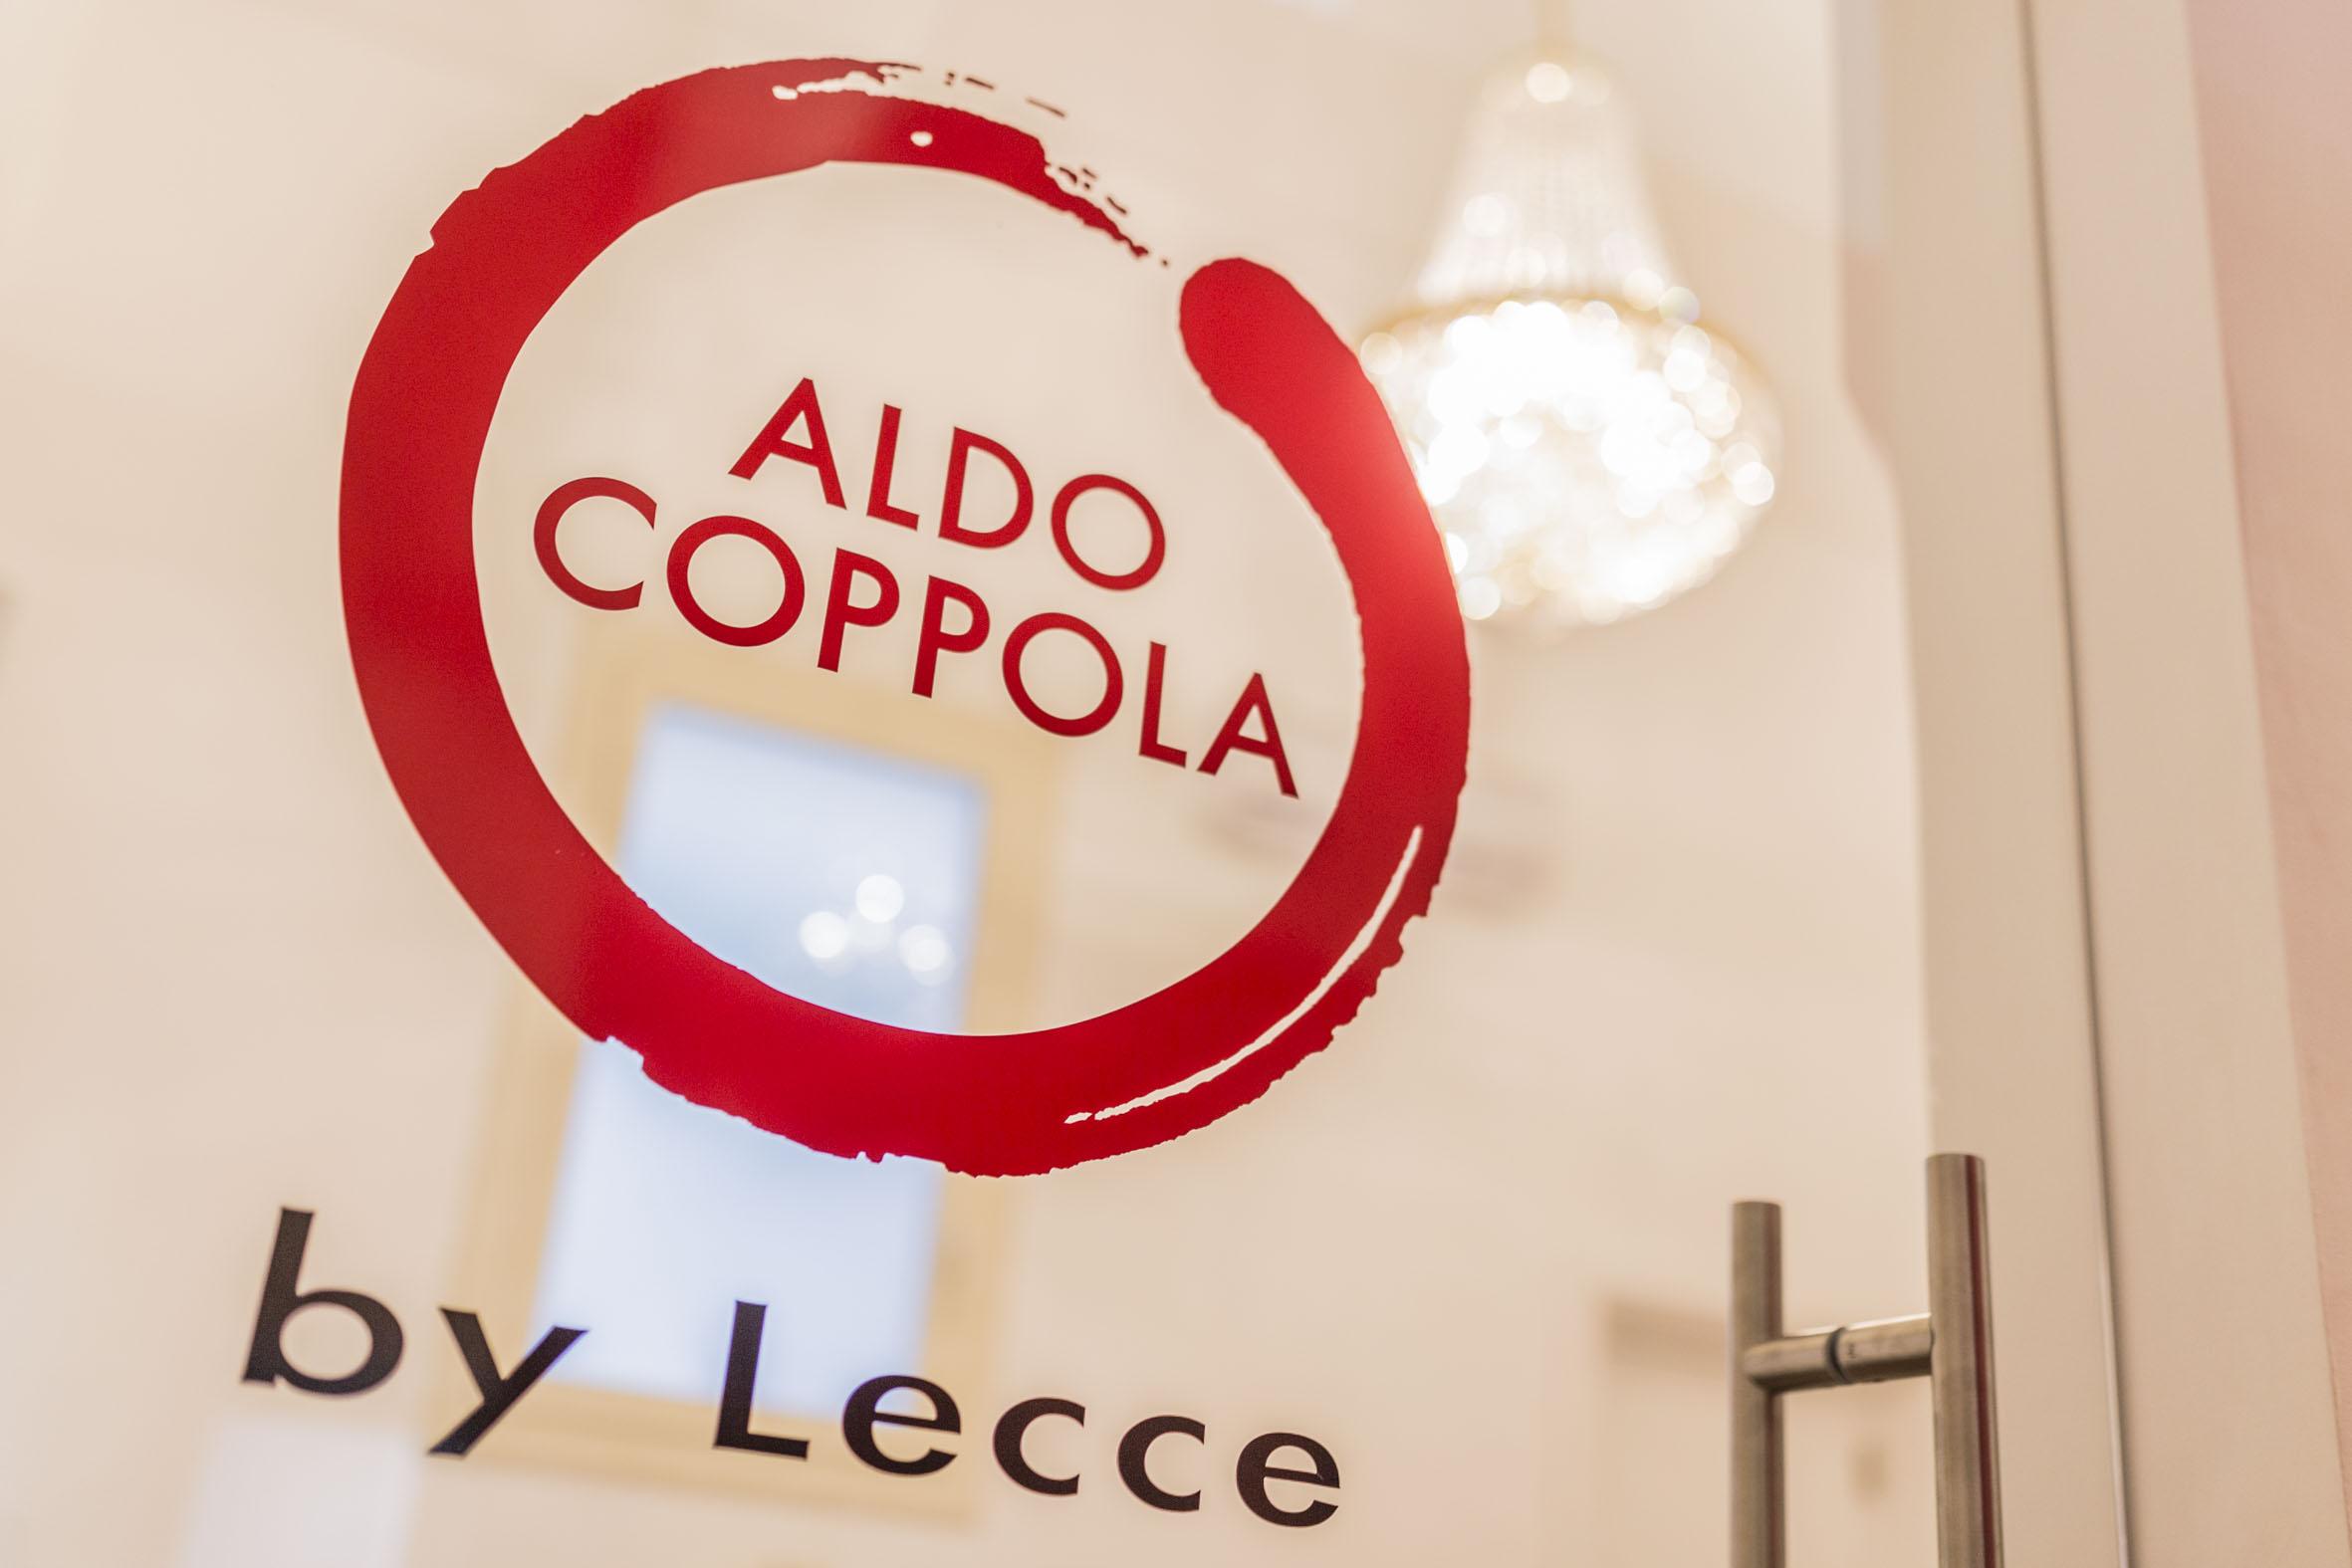 Aldo Coppola by Lecce